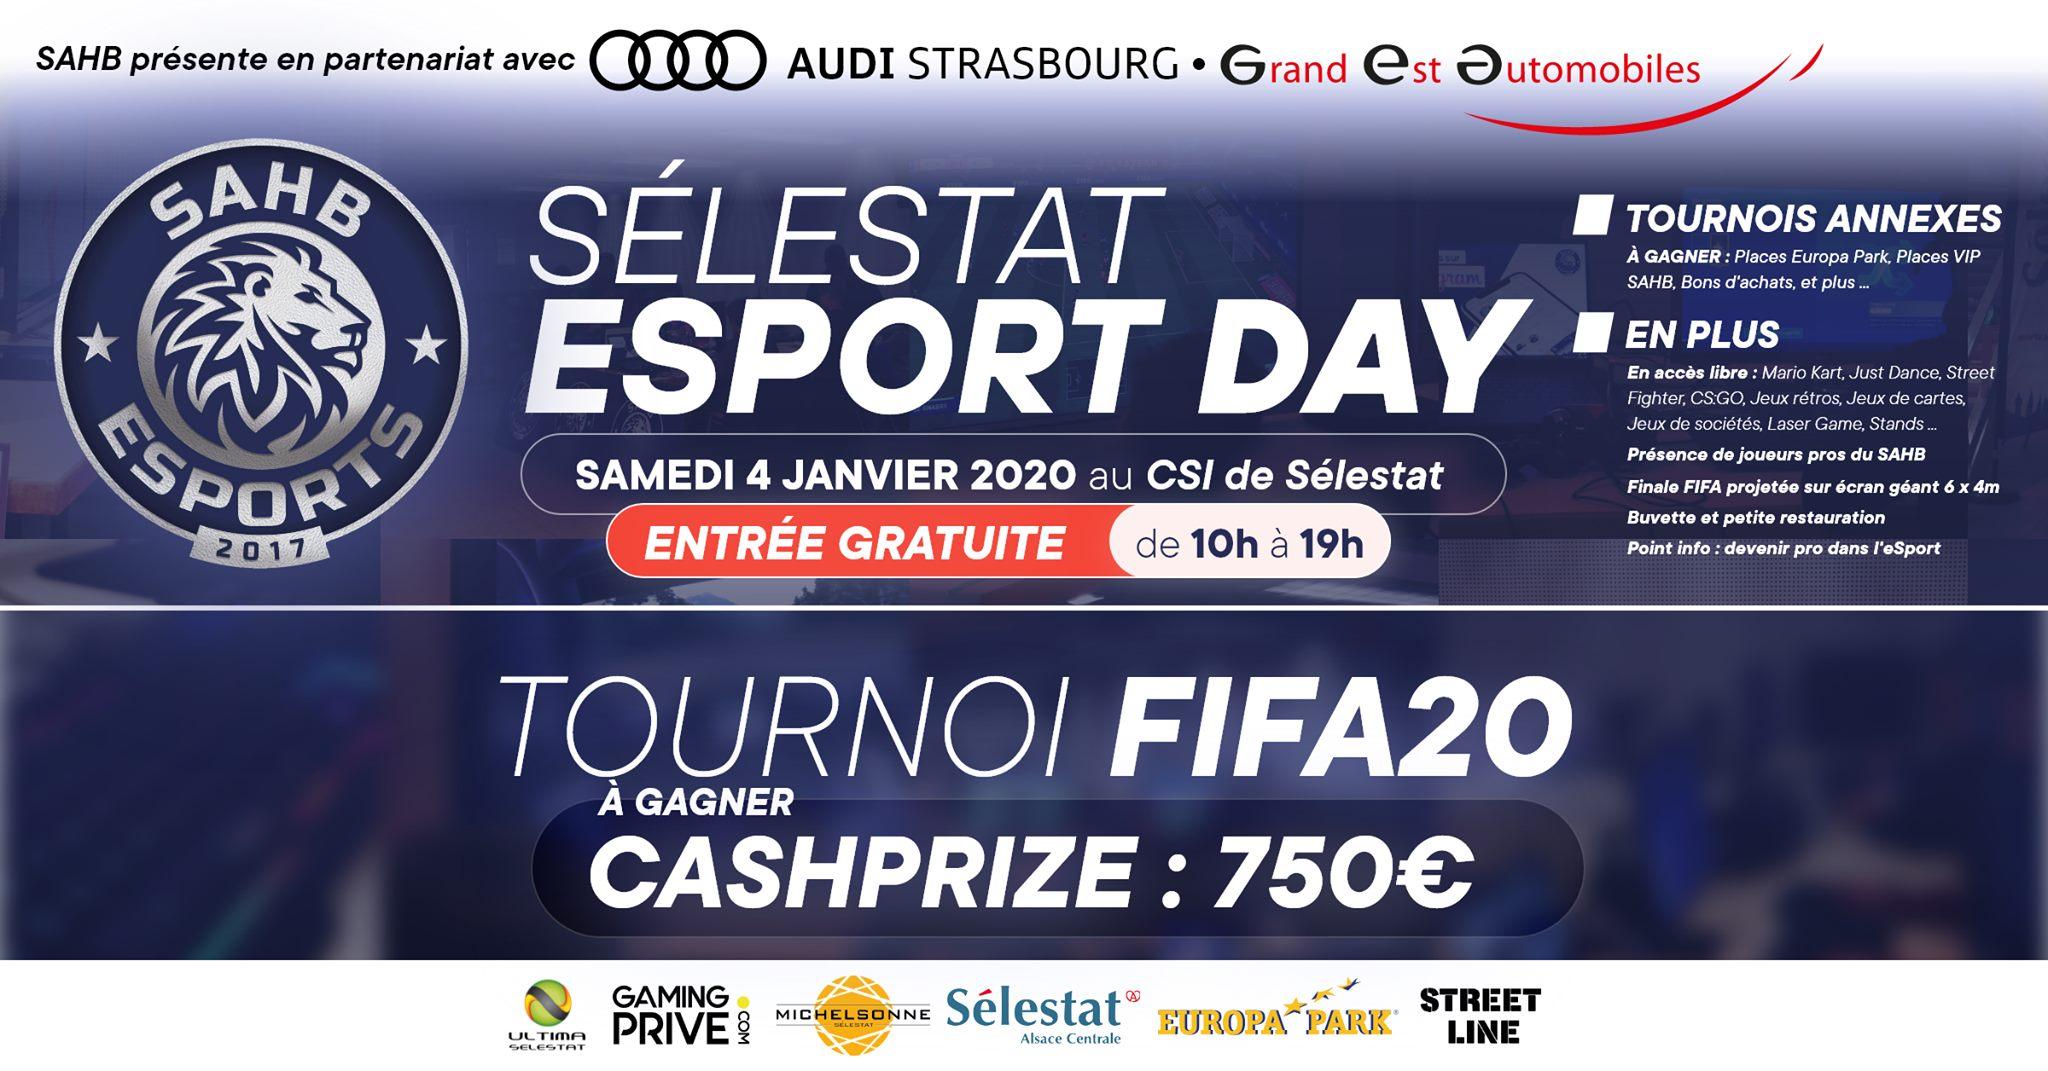 [ÉVÉNEMENT] Sélestat Esport Day